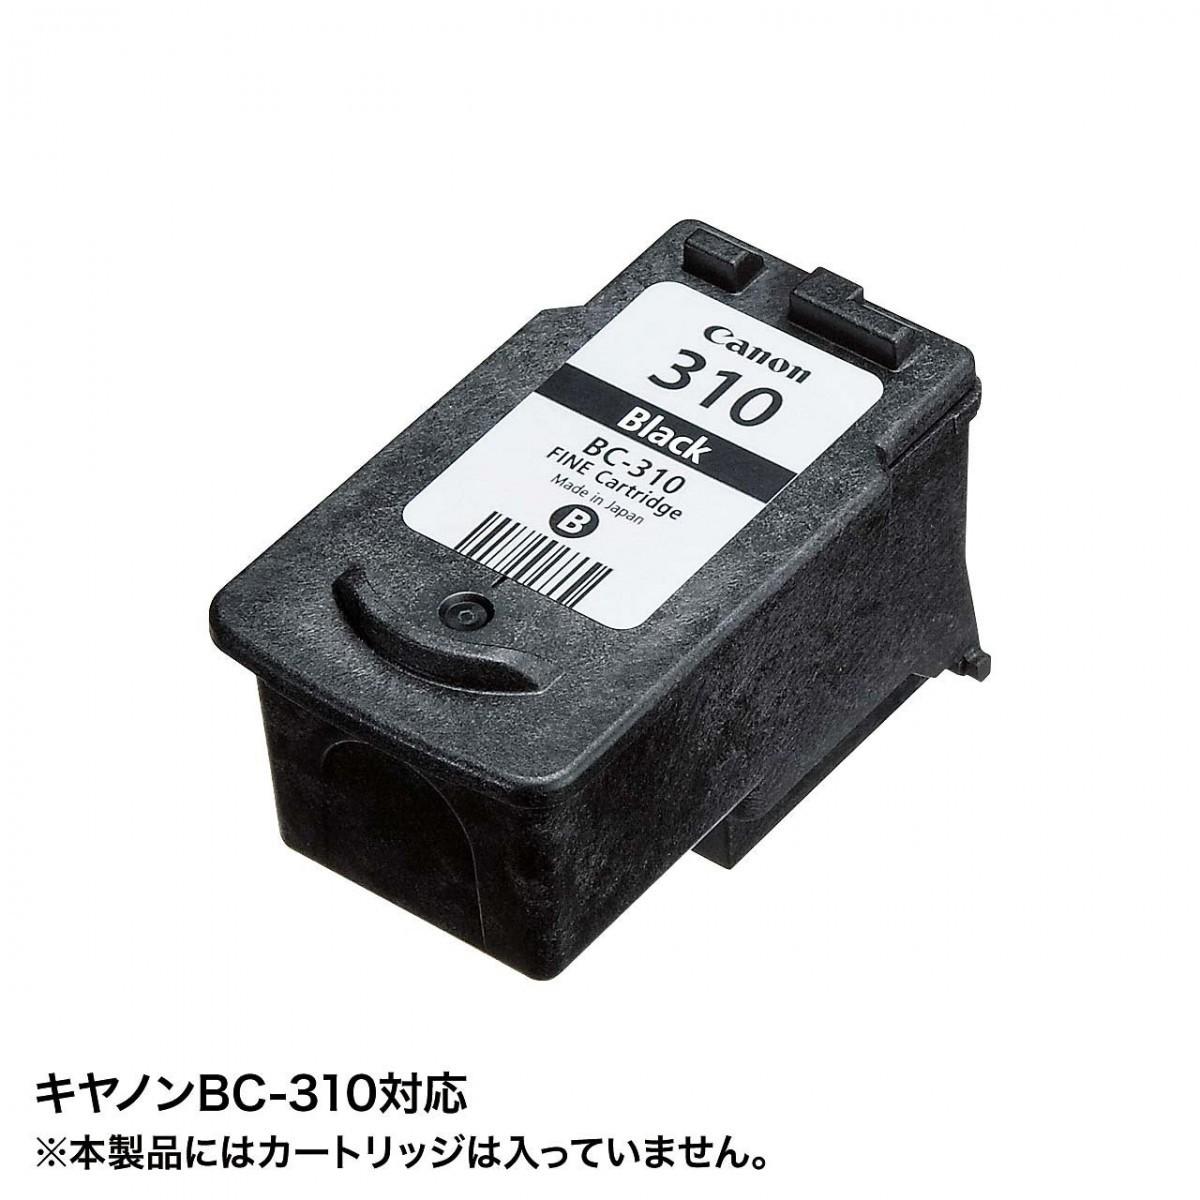 サンワサプライ 詰め替えインク INK-C310B60S(顔料ブラック・60ml)の商品画像|2